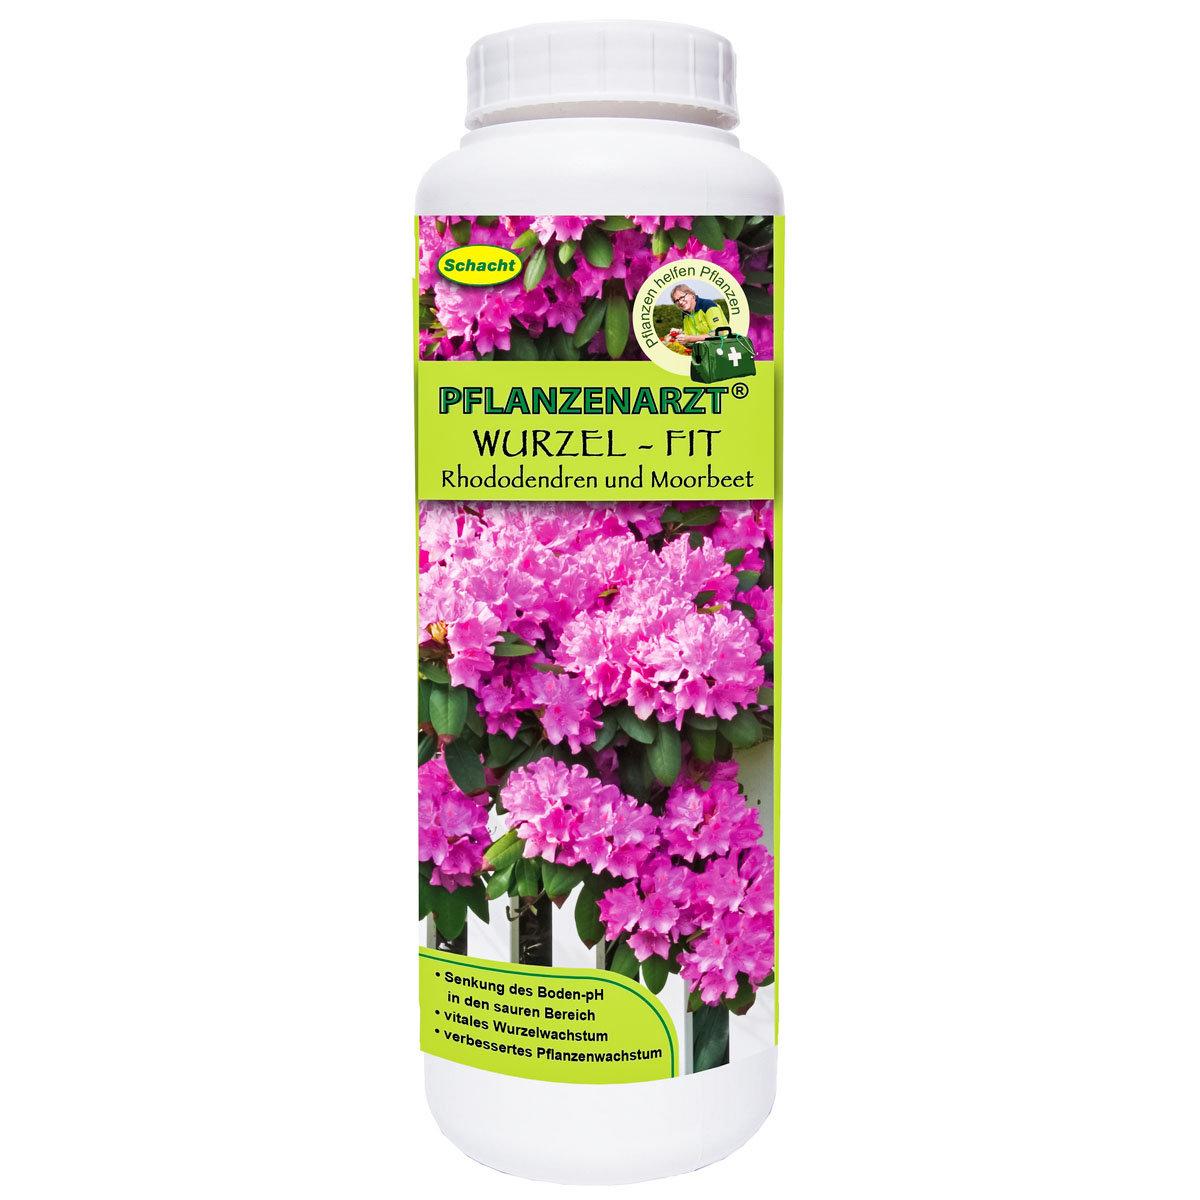 Wurzel-Fit für Rhododendron und Moorbeetpflanzen, 800 g